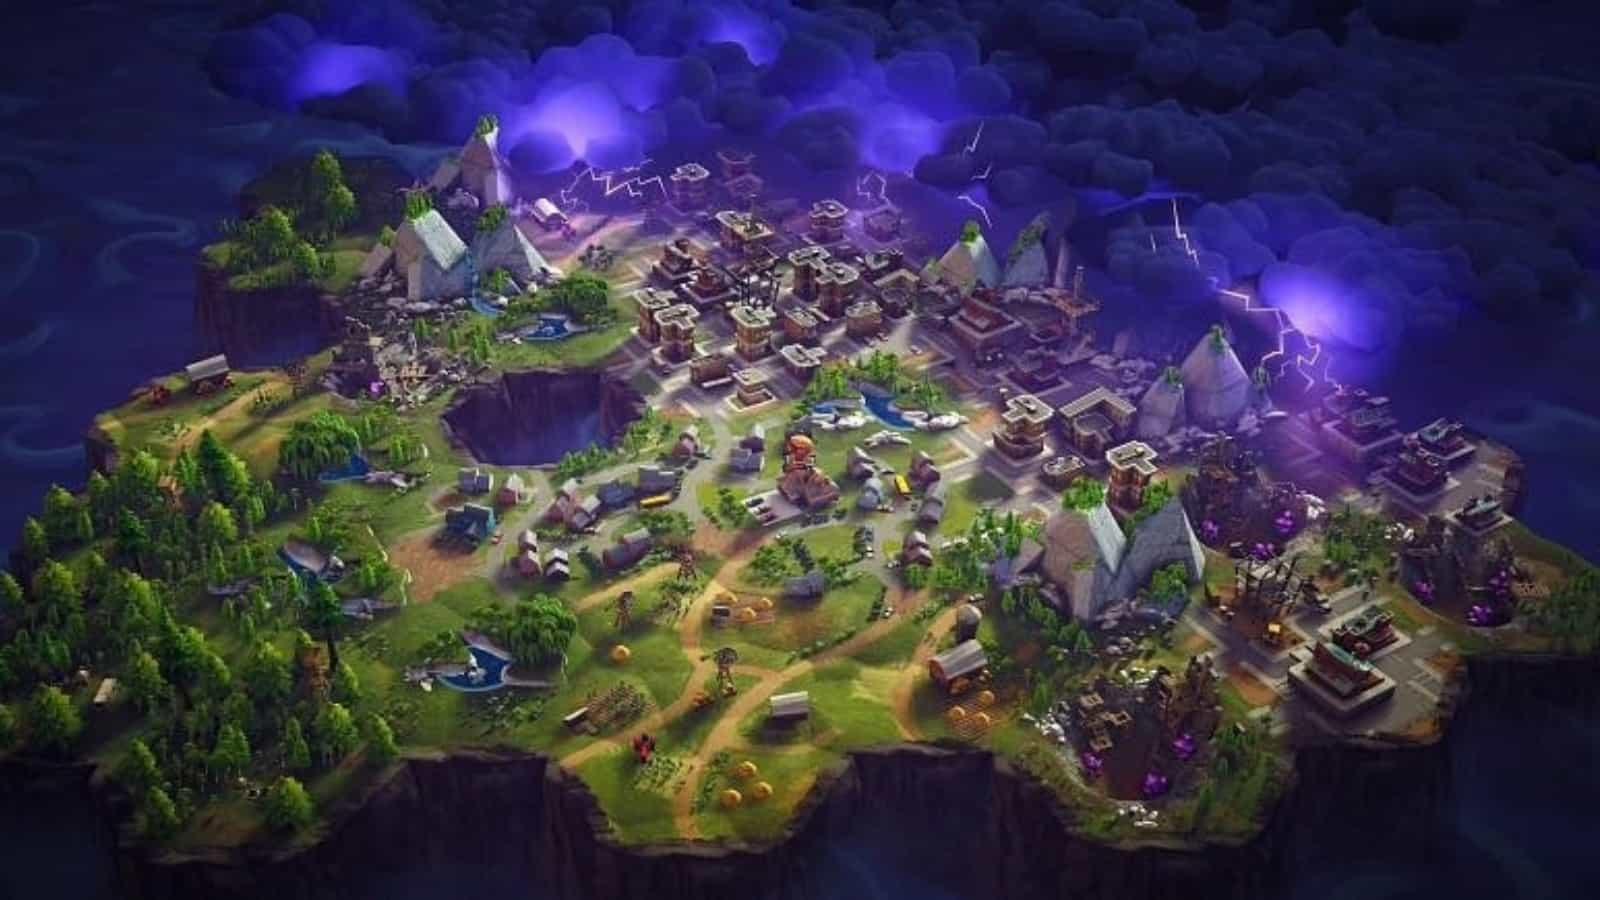 Mapa de la temporada 8 de Fortnite: las filtraciones revelan una nueva dimensión alternativa